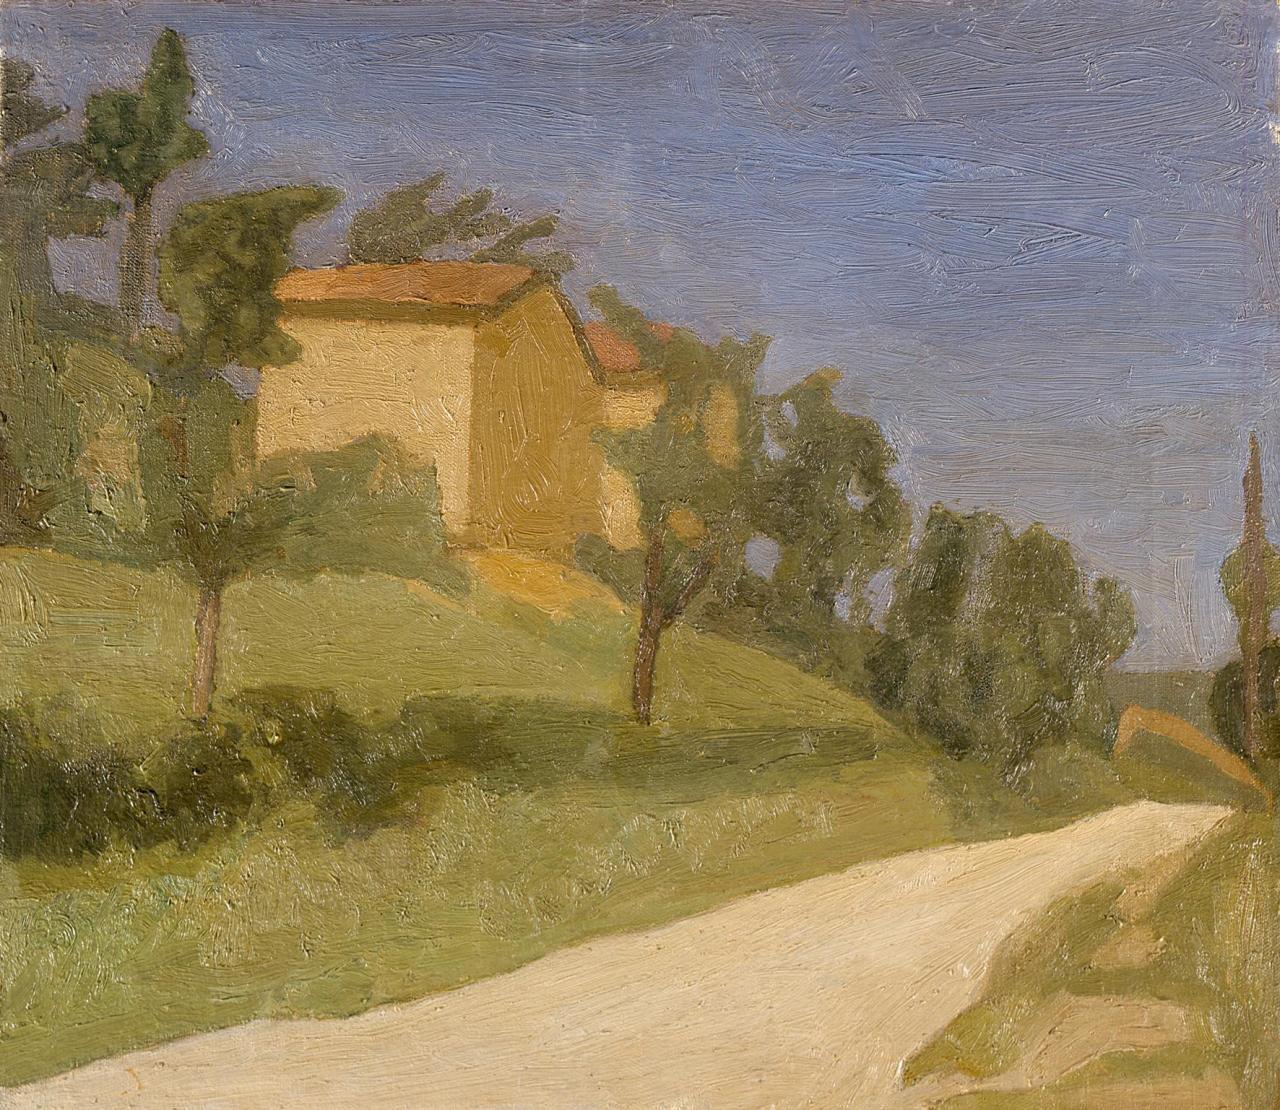 Giorgio Morandi - The White Road - 1939